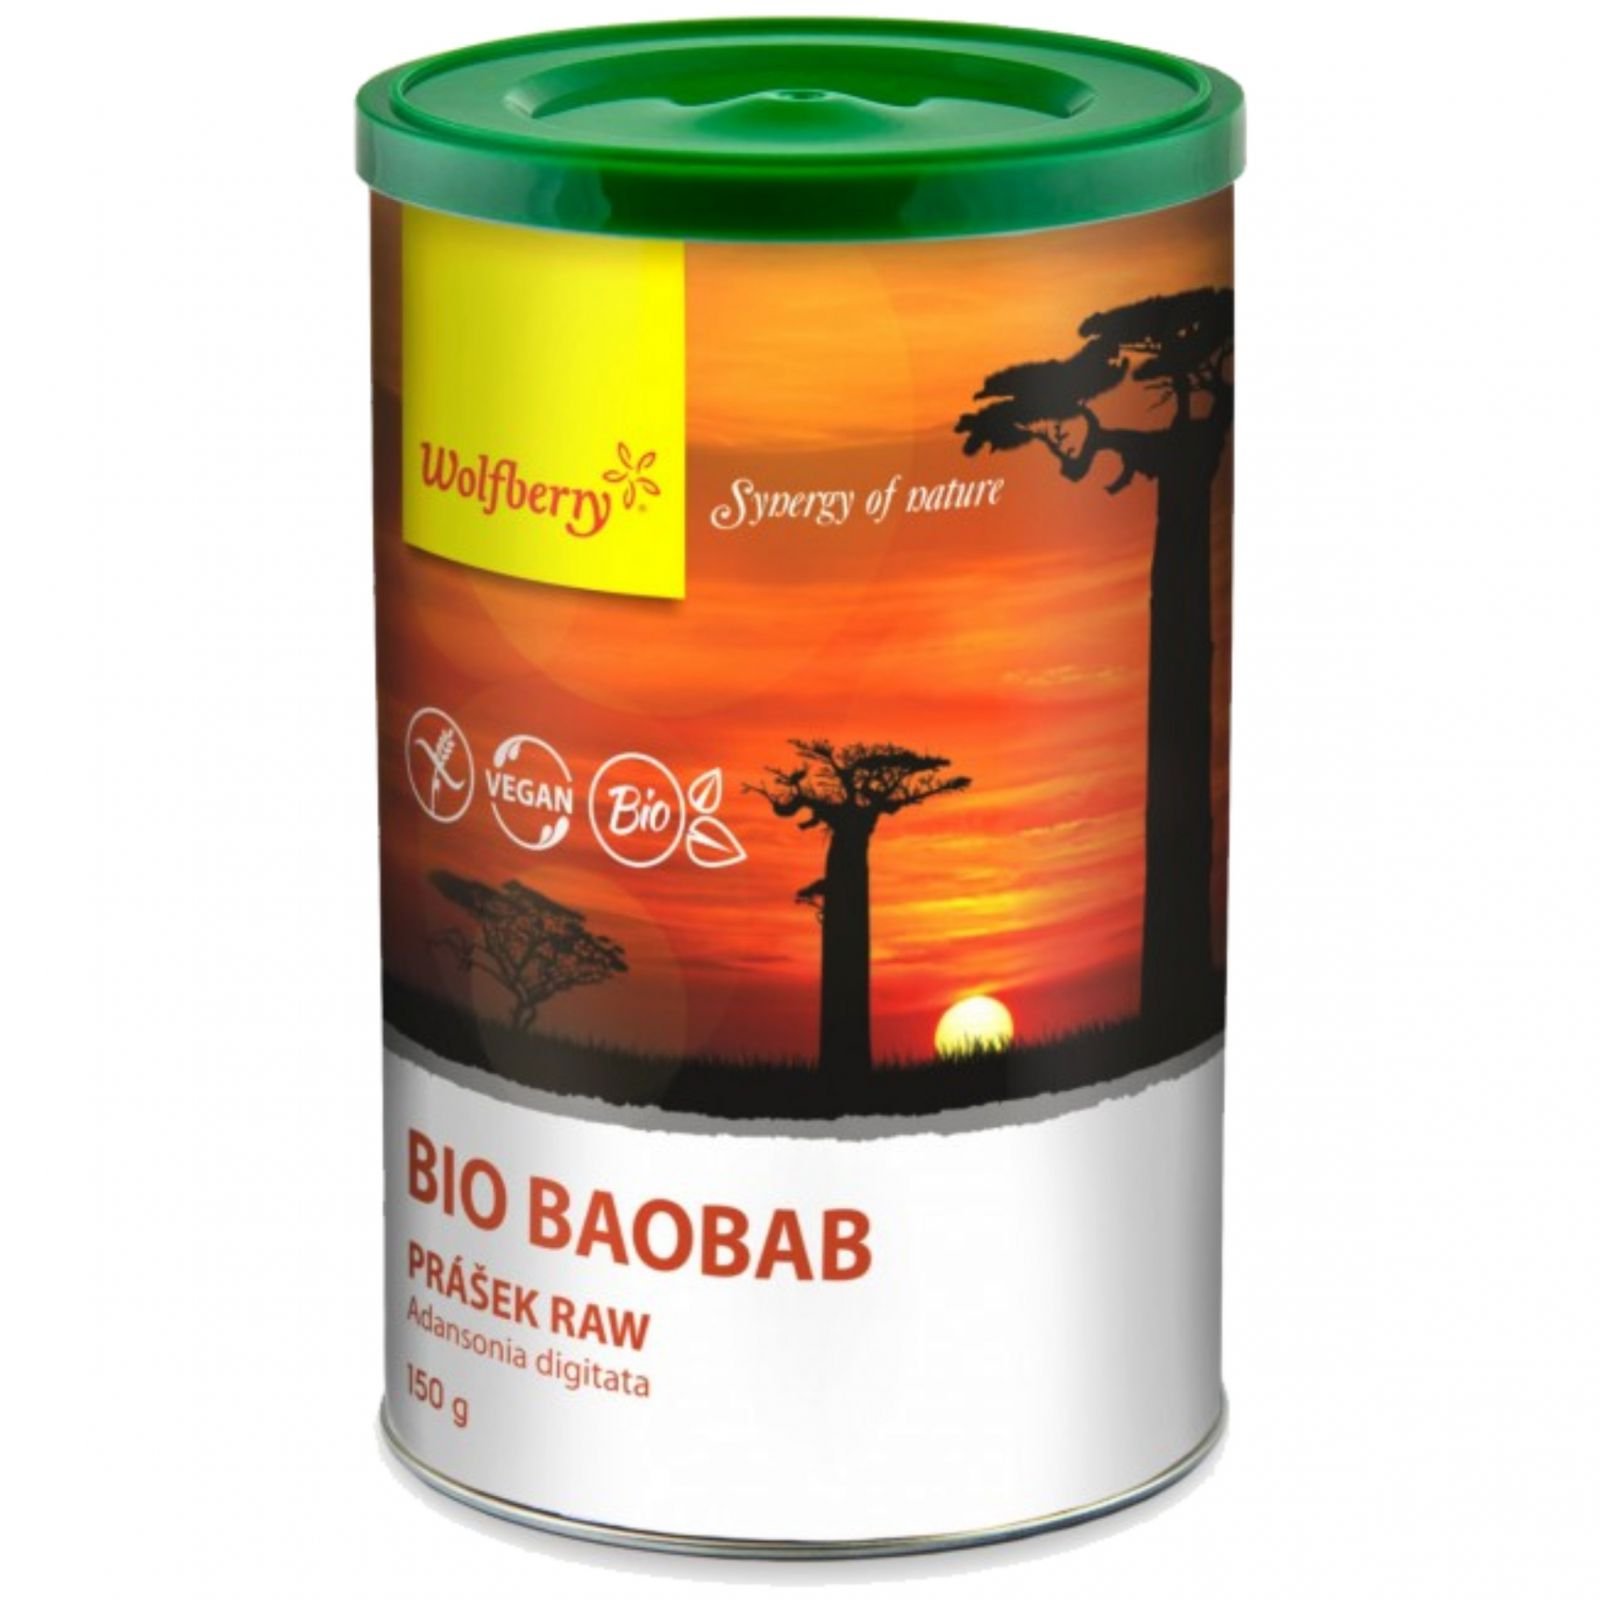 Wolfberry BIO Baobab prášek RAW 150 g